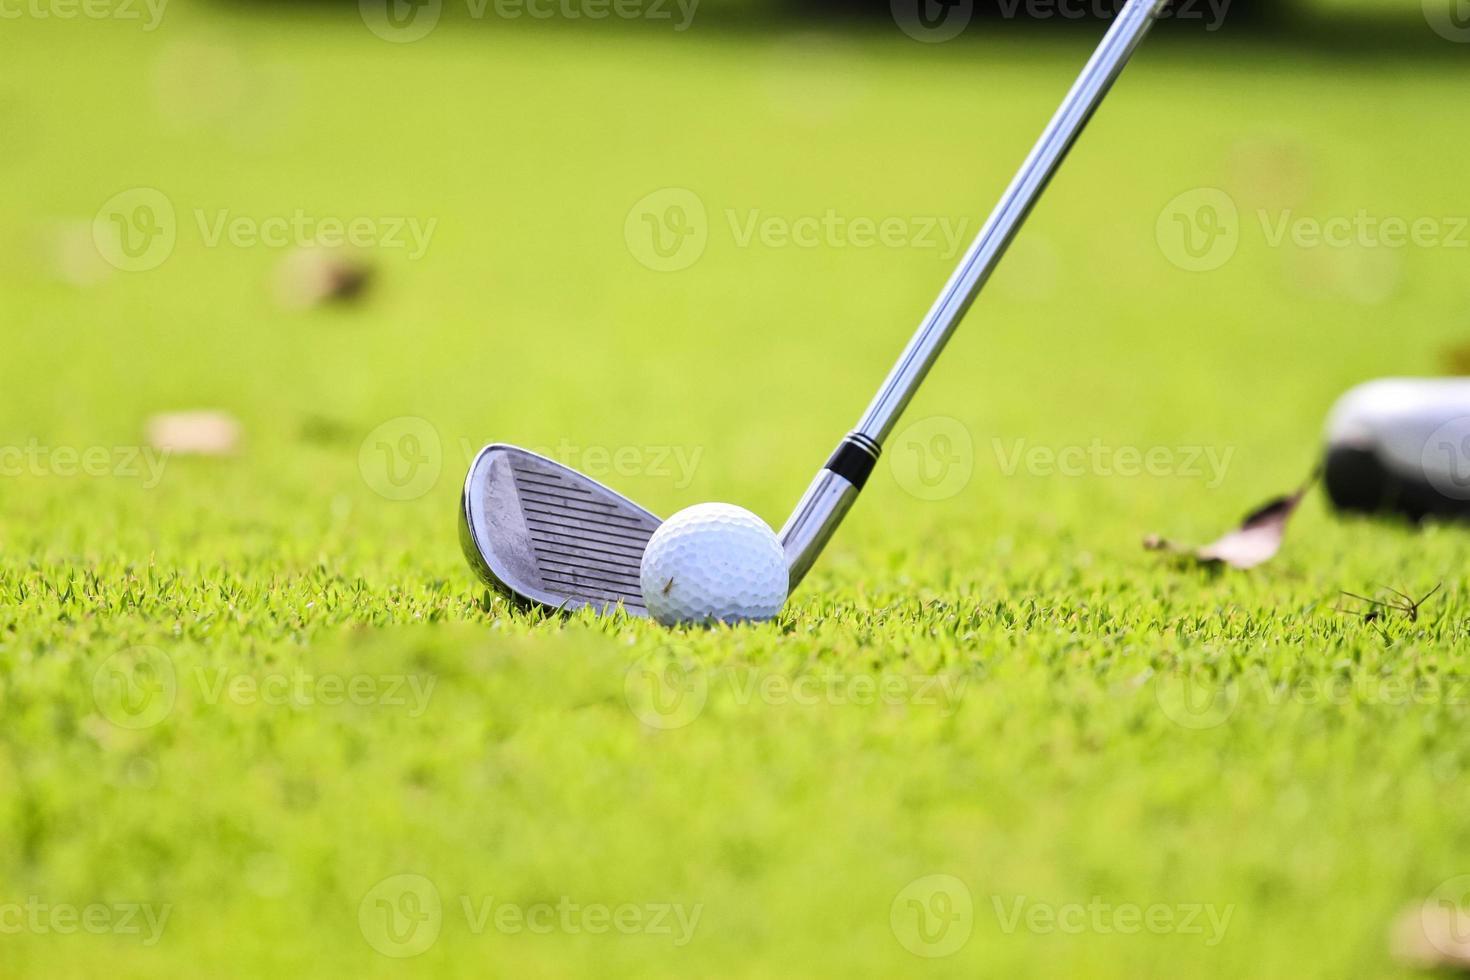 bereit, den Golfball zu fahren foto